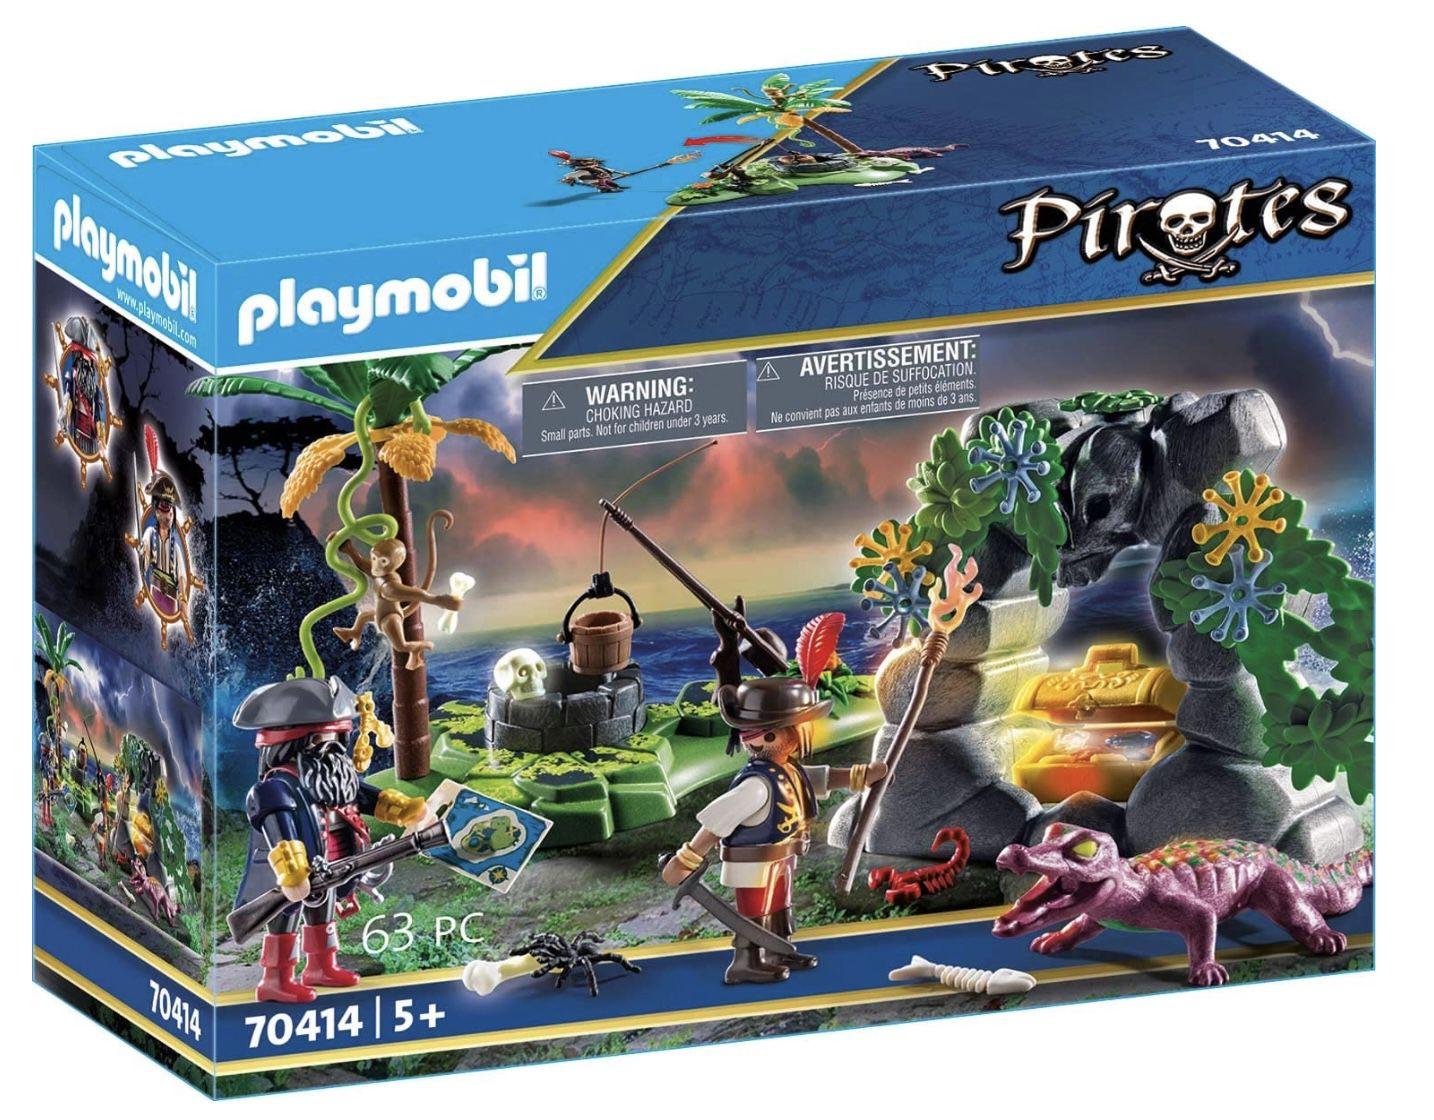 PLAYMOBIL 70414 Piraten Schatzversteck für 7,99€ (statt 12€)   Prime